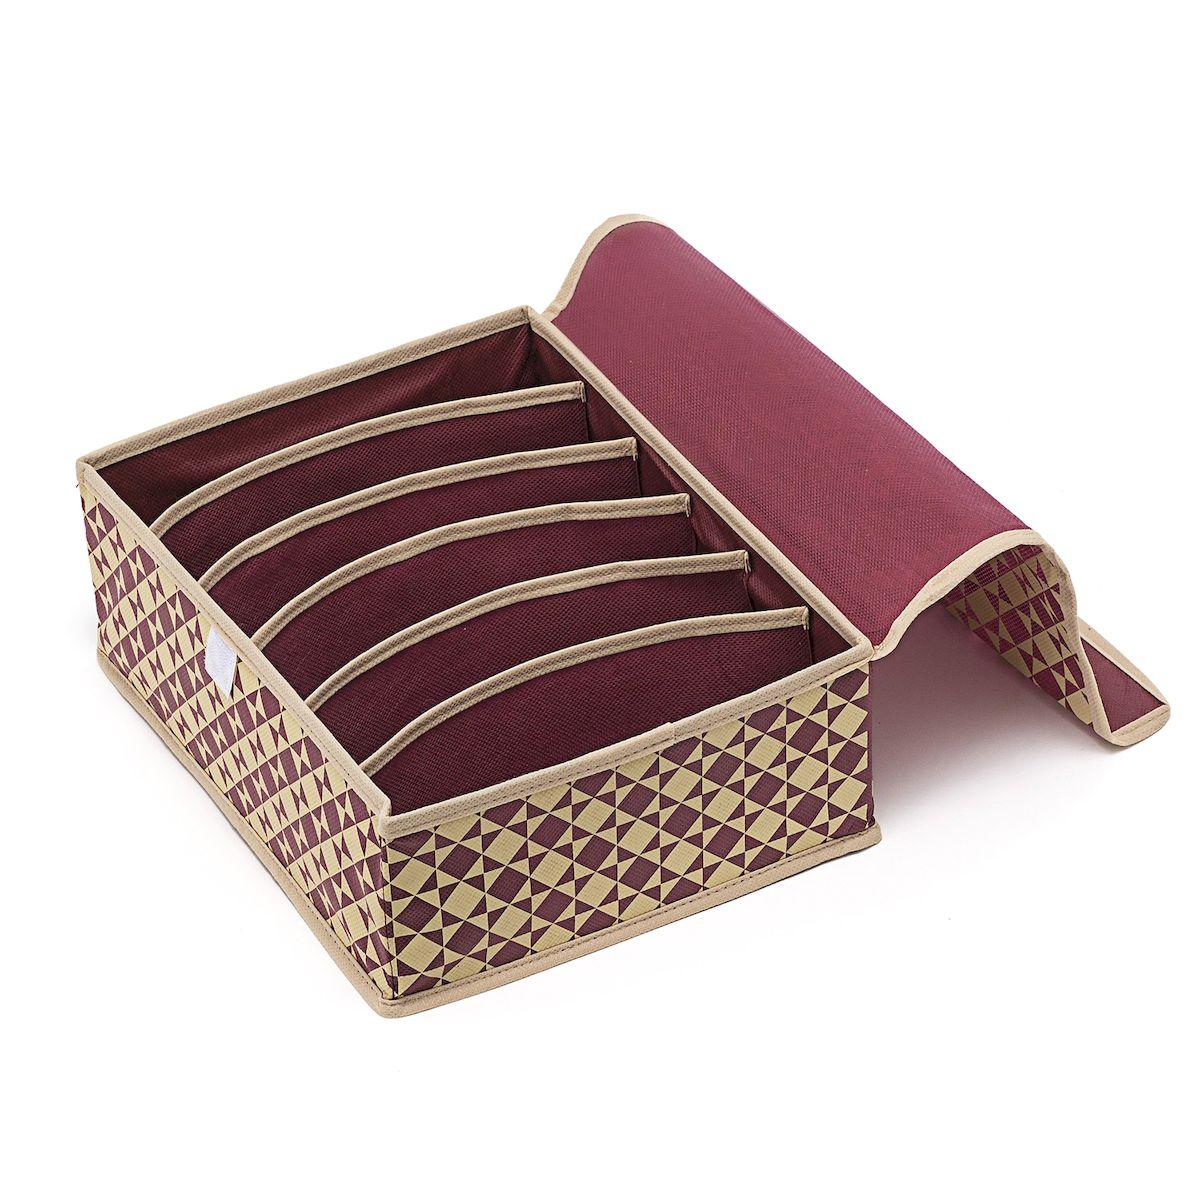 Органайзер для хранения Homsu Bordo, 6 секций, 31 х 24 х 11 смTD 0033Компактный складной органайзер Homsu Bordo изготовлен из высококачественного полиэстера, который обеспечивает естественную вентиляцию. Материал позволяет воздуху свободно проникать внутрь, но не пропускает пыль. Органайзер отлично держит форму, благодаря вставкам из плотного картона. Изделие имеет 6 секций для хранения нижнего белья, колготок, носков и другой одежды. Изделие закрывается крышкой на липучке. Такой органайзер позволит вам хранить вещи компактно и удобно.